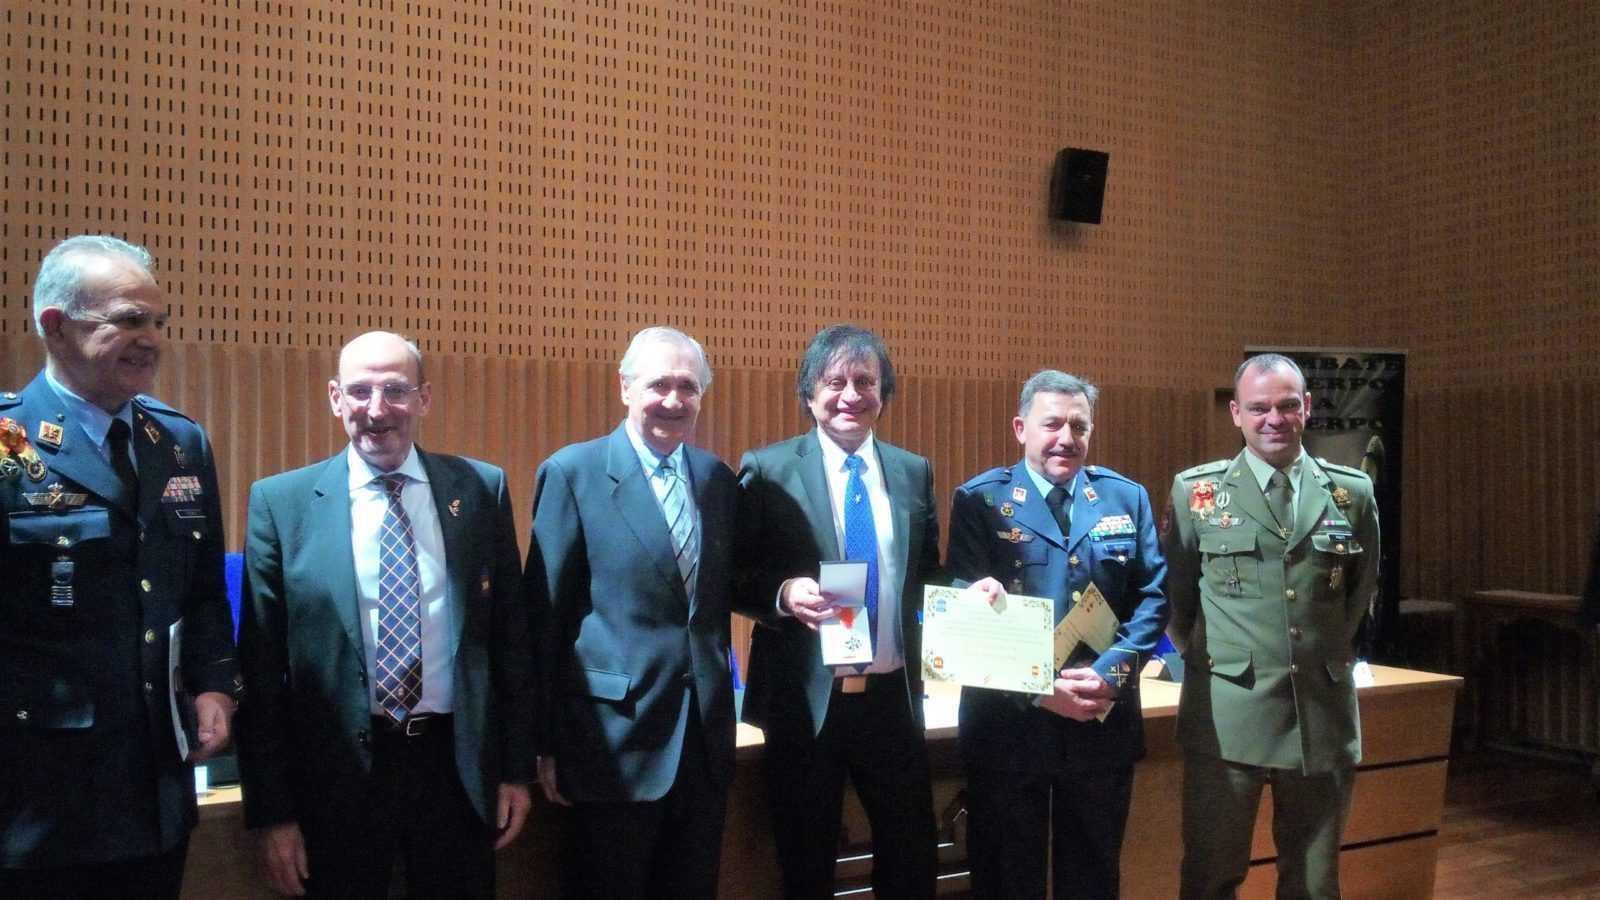 Amedeo Maffei, sul palco riceve premio Medaglia d'oro dell'Esercito Spagnolo